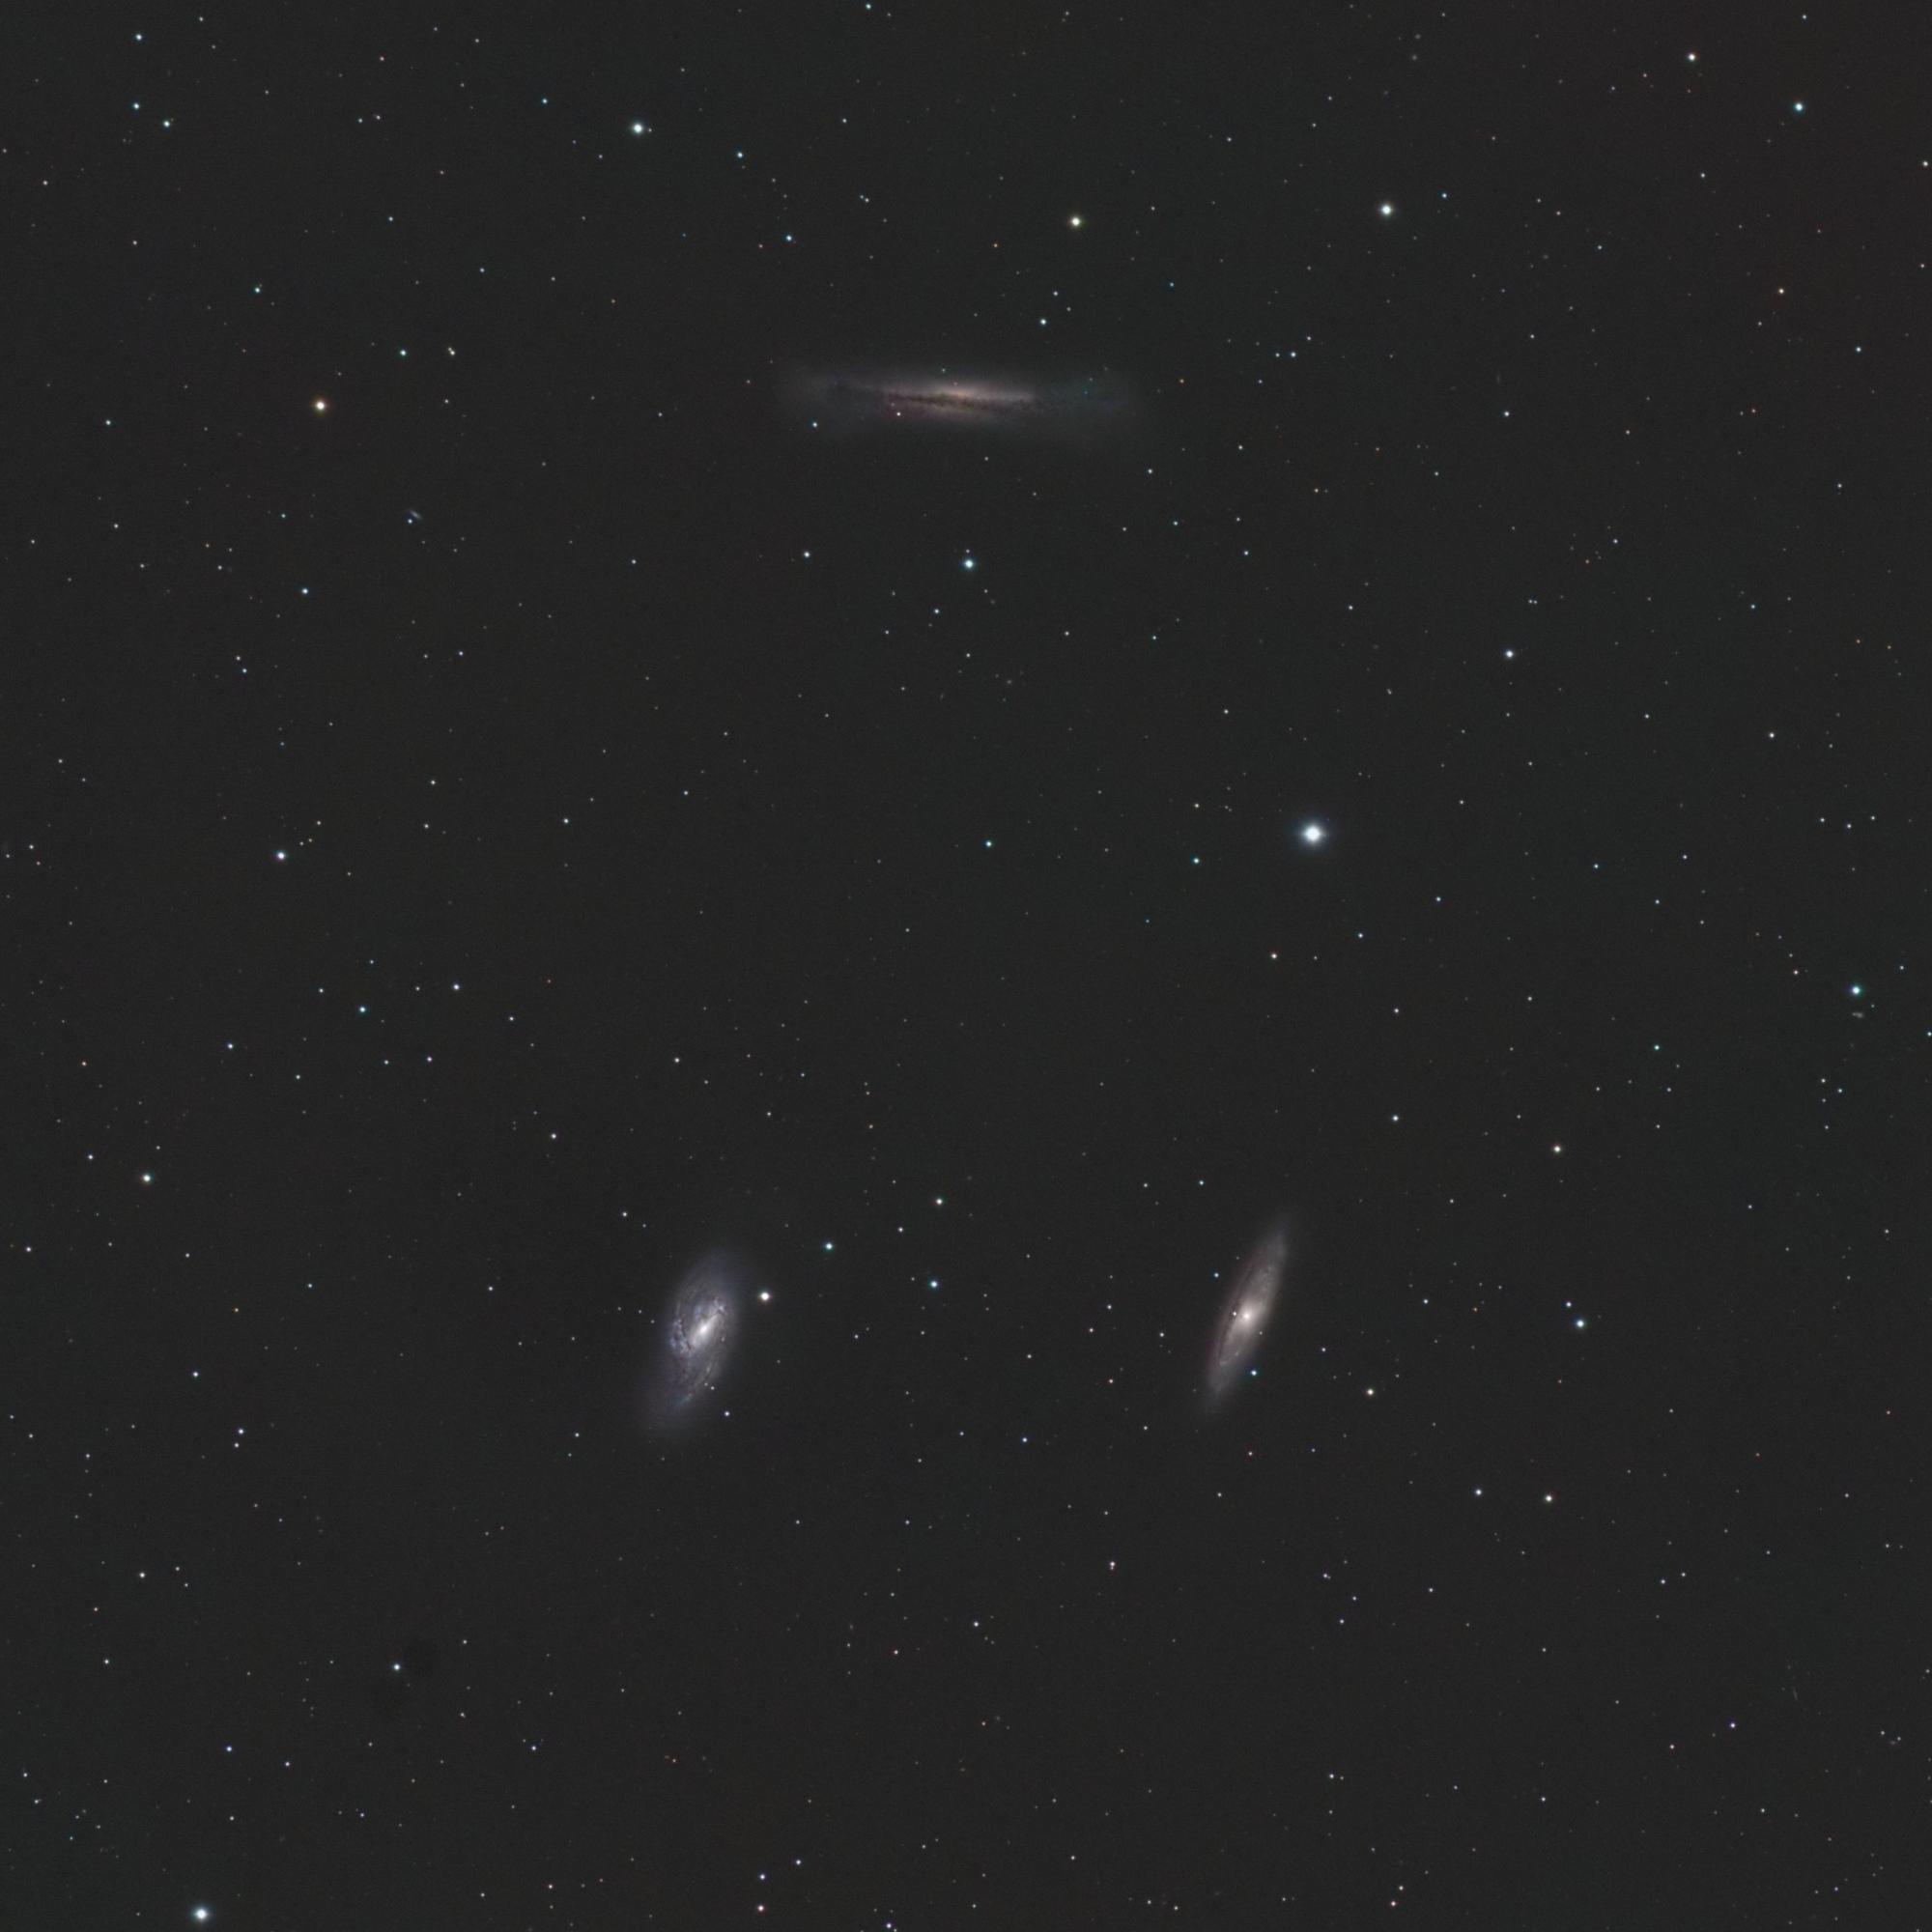 Le trio de galaxies du lion M65 M66 NGC3628